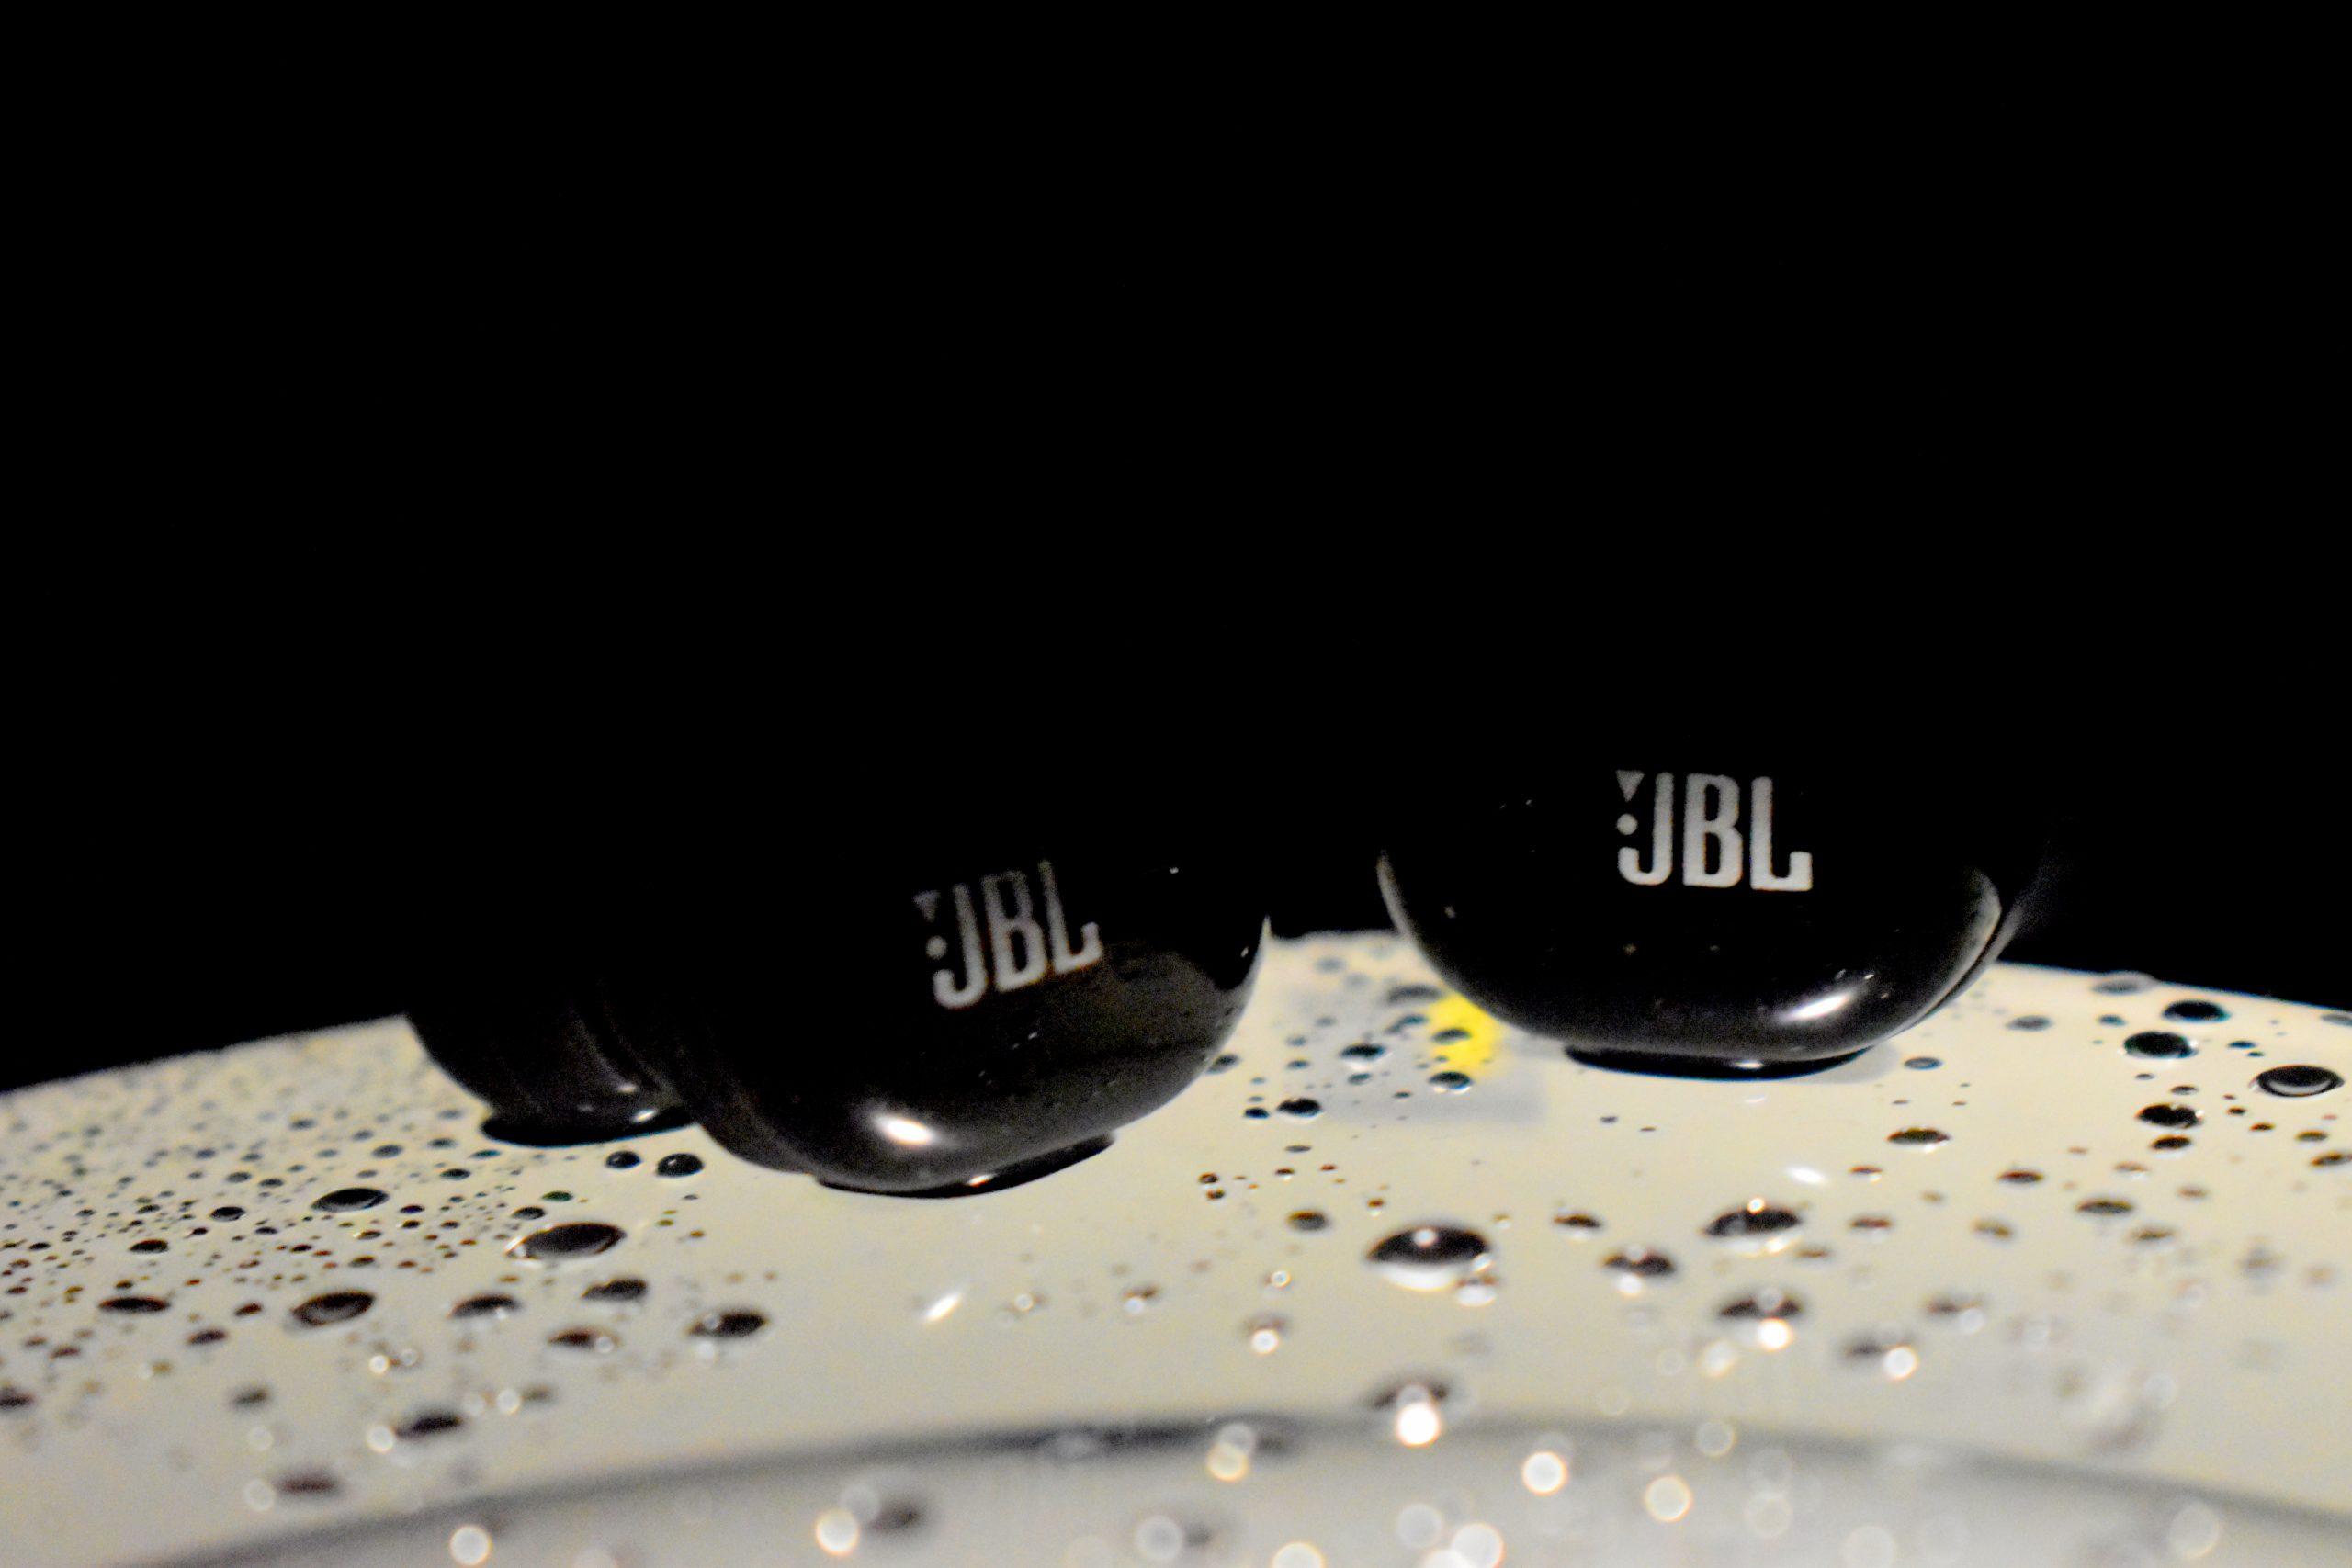 JBL wireless earpods